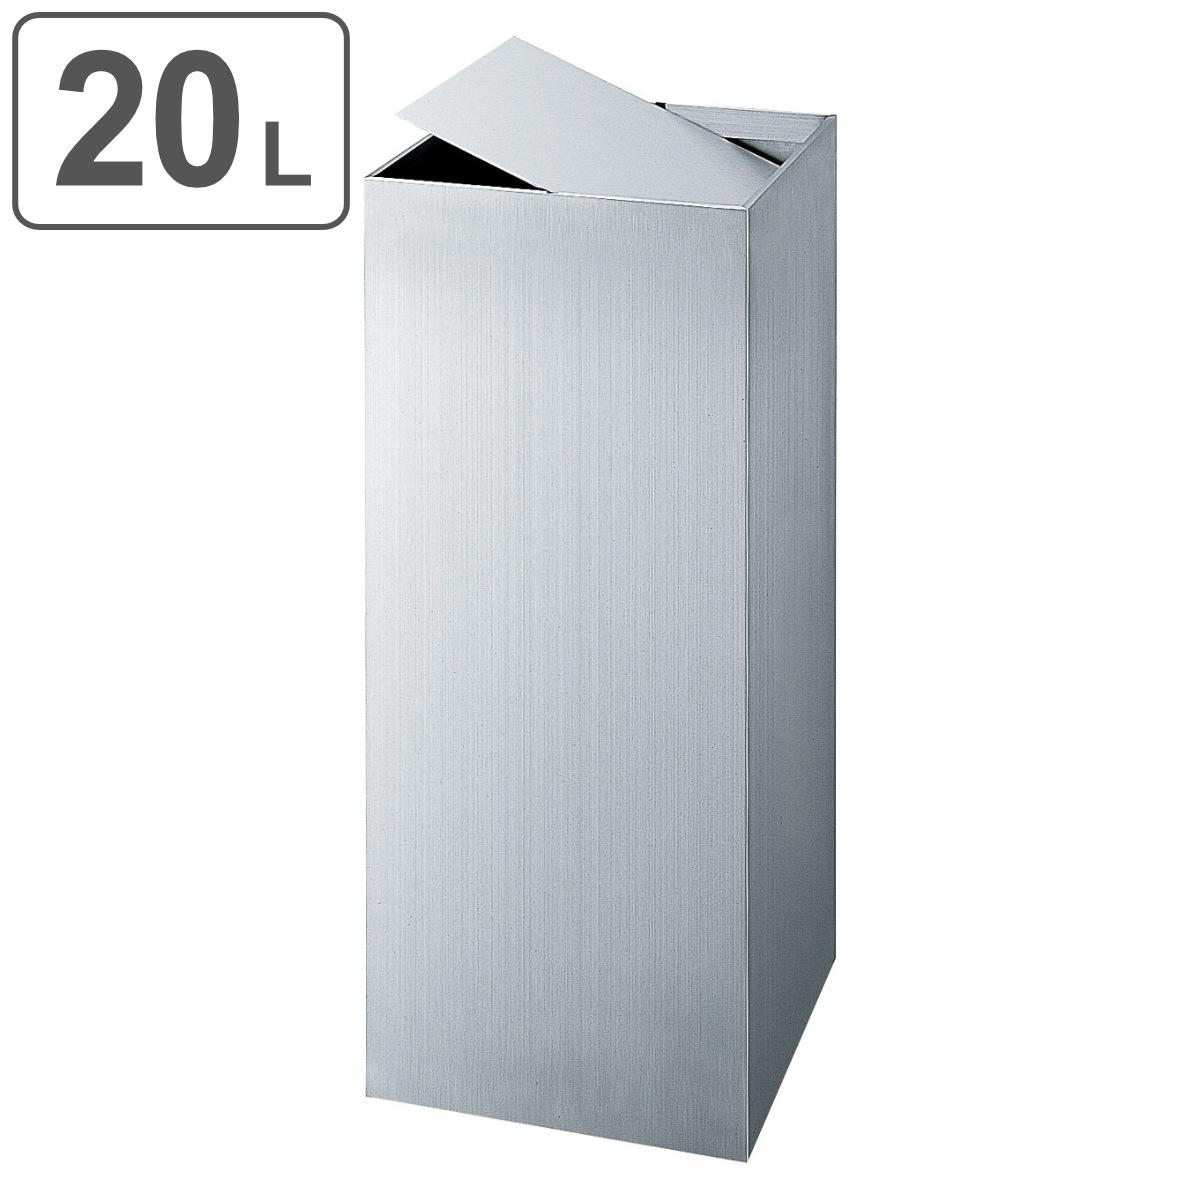 屋内用くず入れ ダストボックス KL-250ステンレスヘアーライン (ステンレスゴミ箱 山崎産業 送料無料 ) 【5000円以上送料無料】